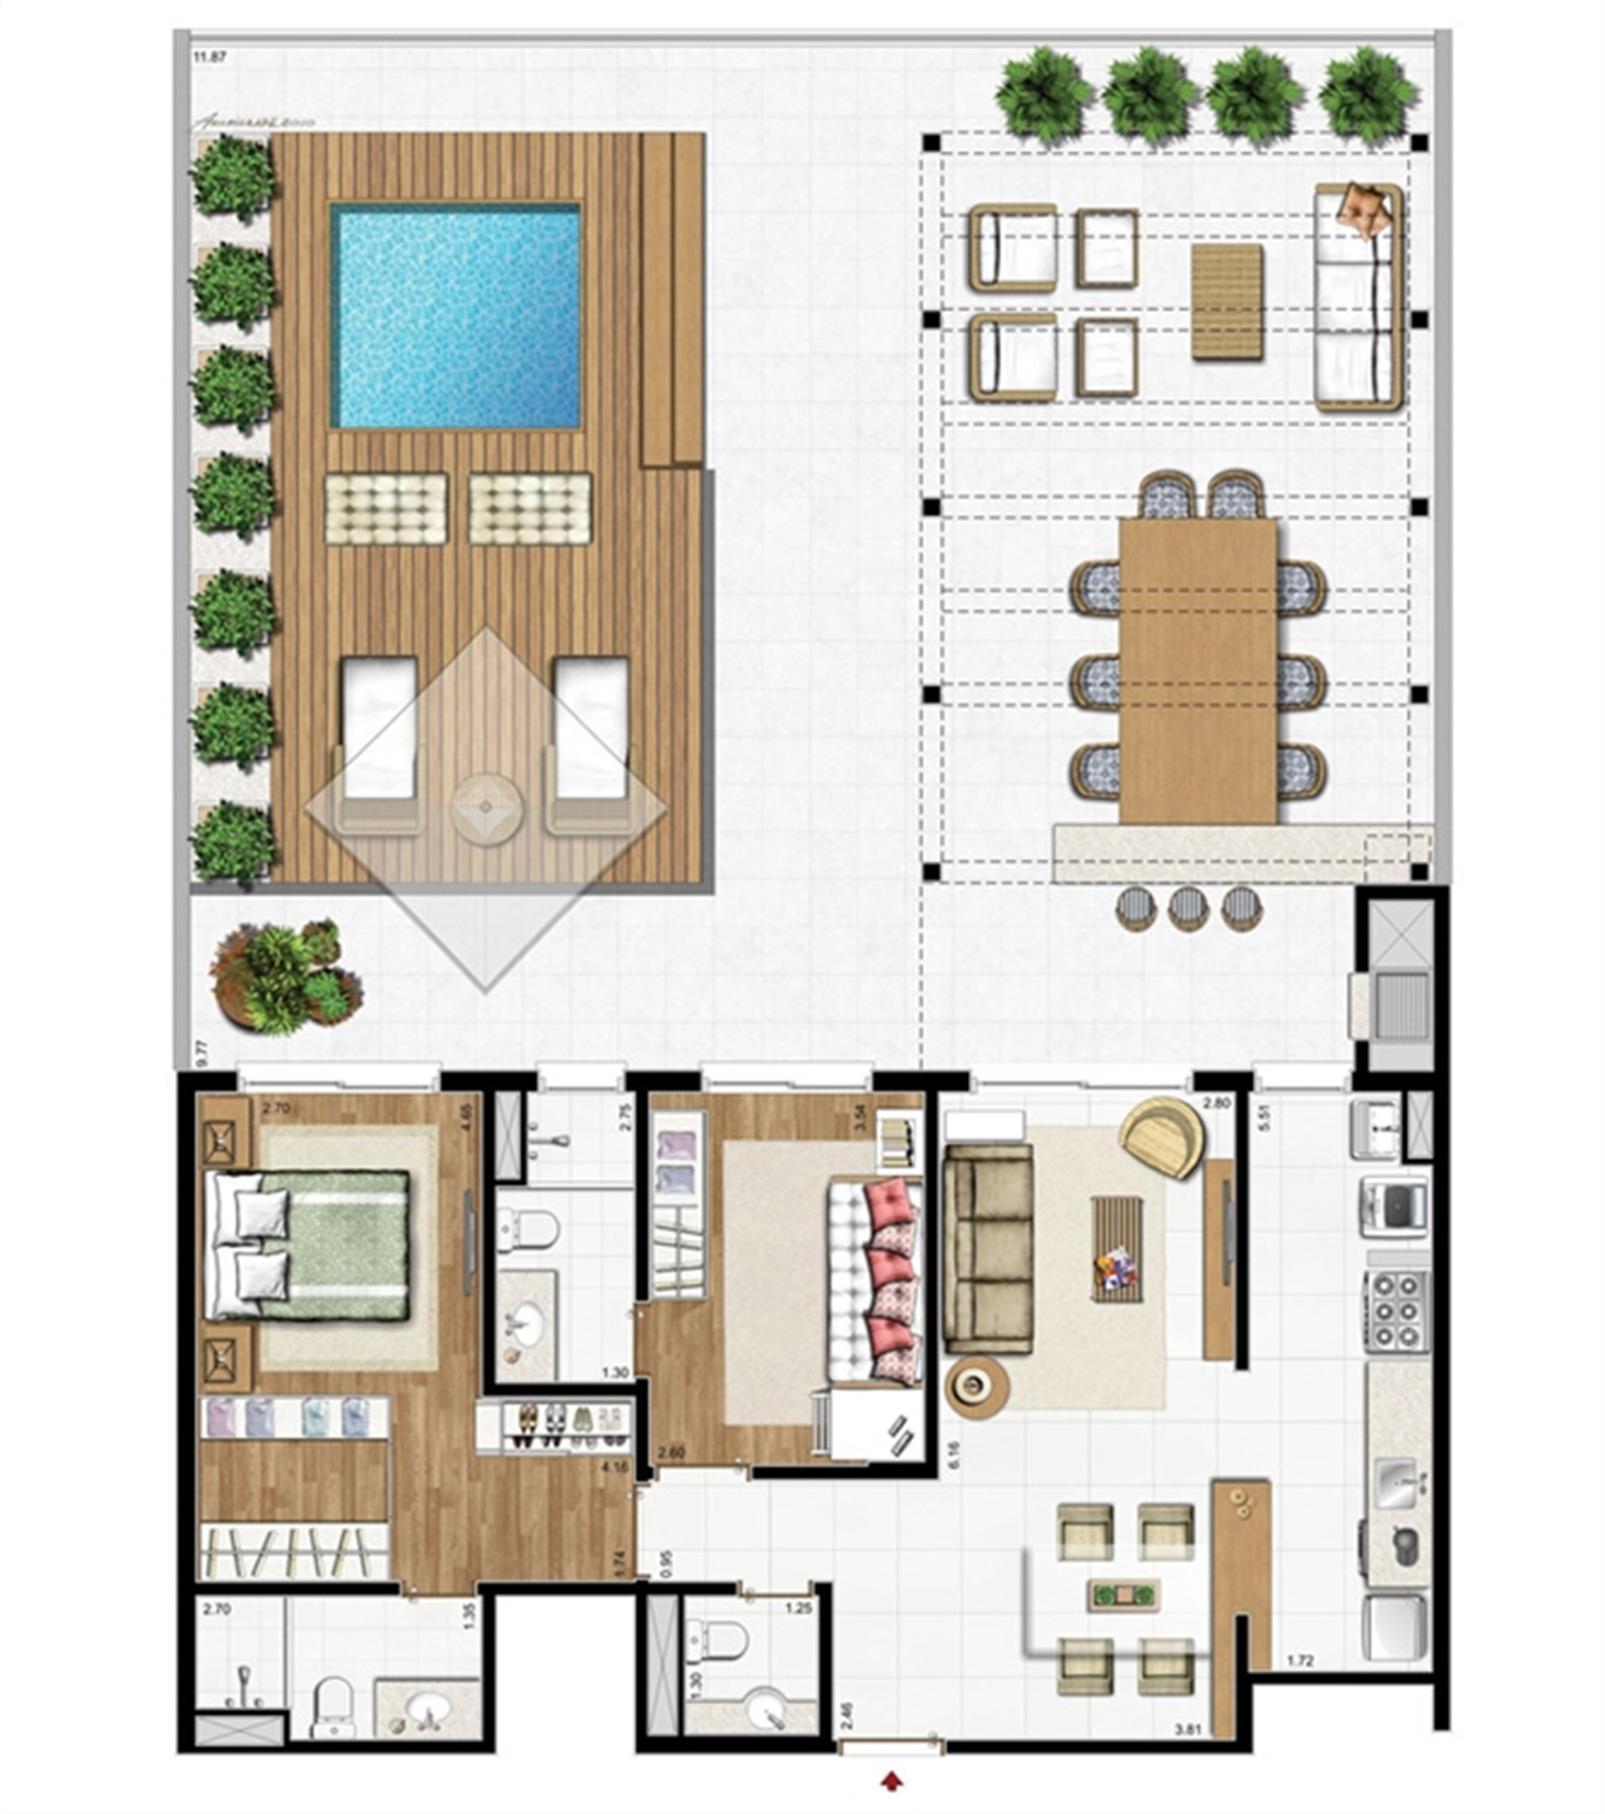 2 suítes e lavabo – Apto. garden - Planta padrão  195 m² privativos 252 m² de área total | Visionnaire – Apartamentono  Abraão - Florianópolis - Santa Catarina